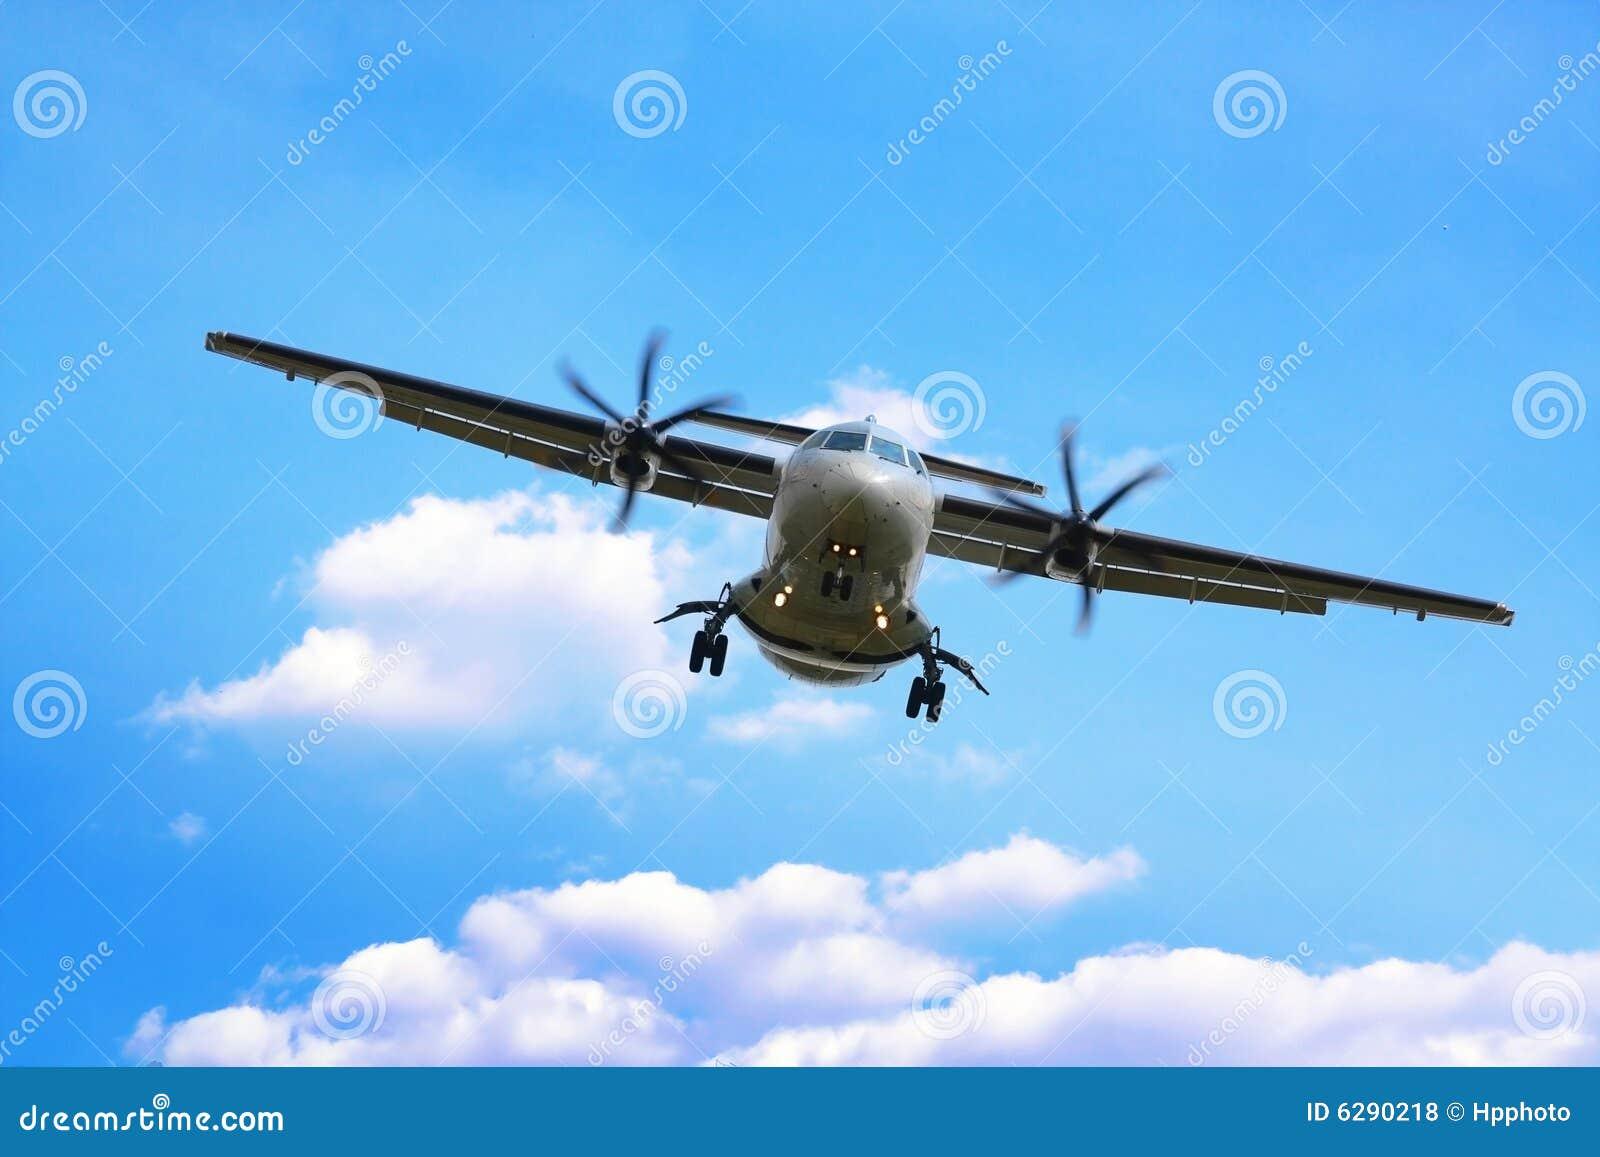 К чему снится видеть летящий самолет